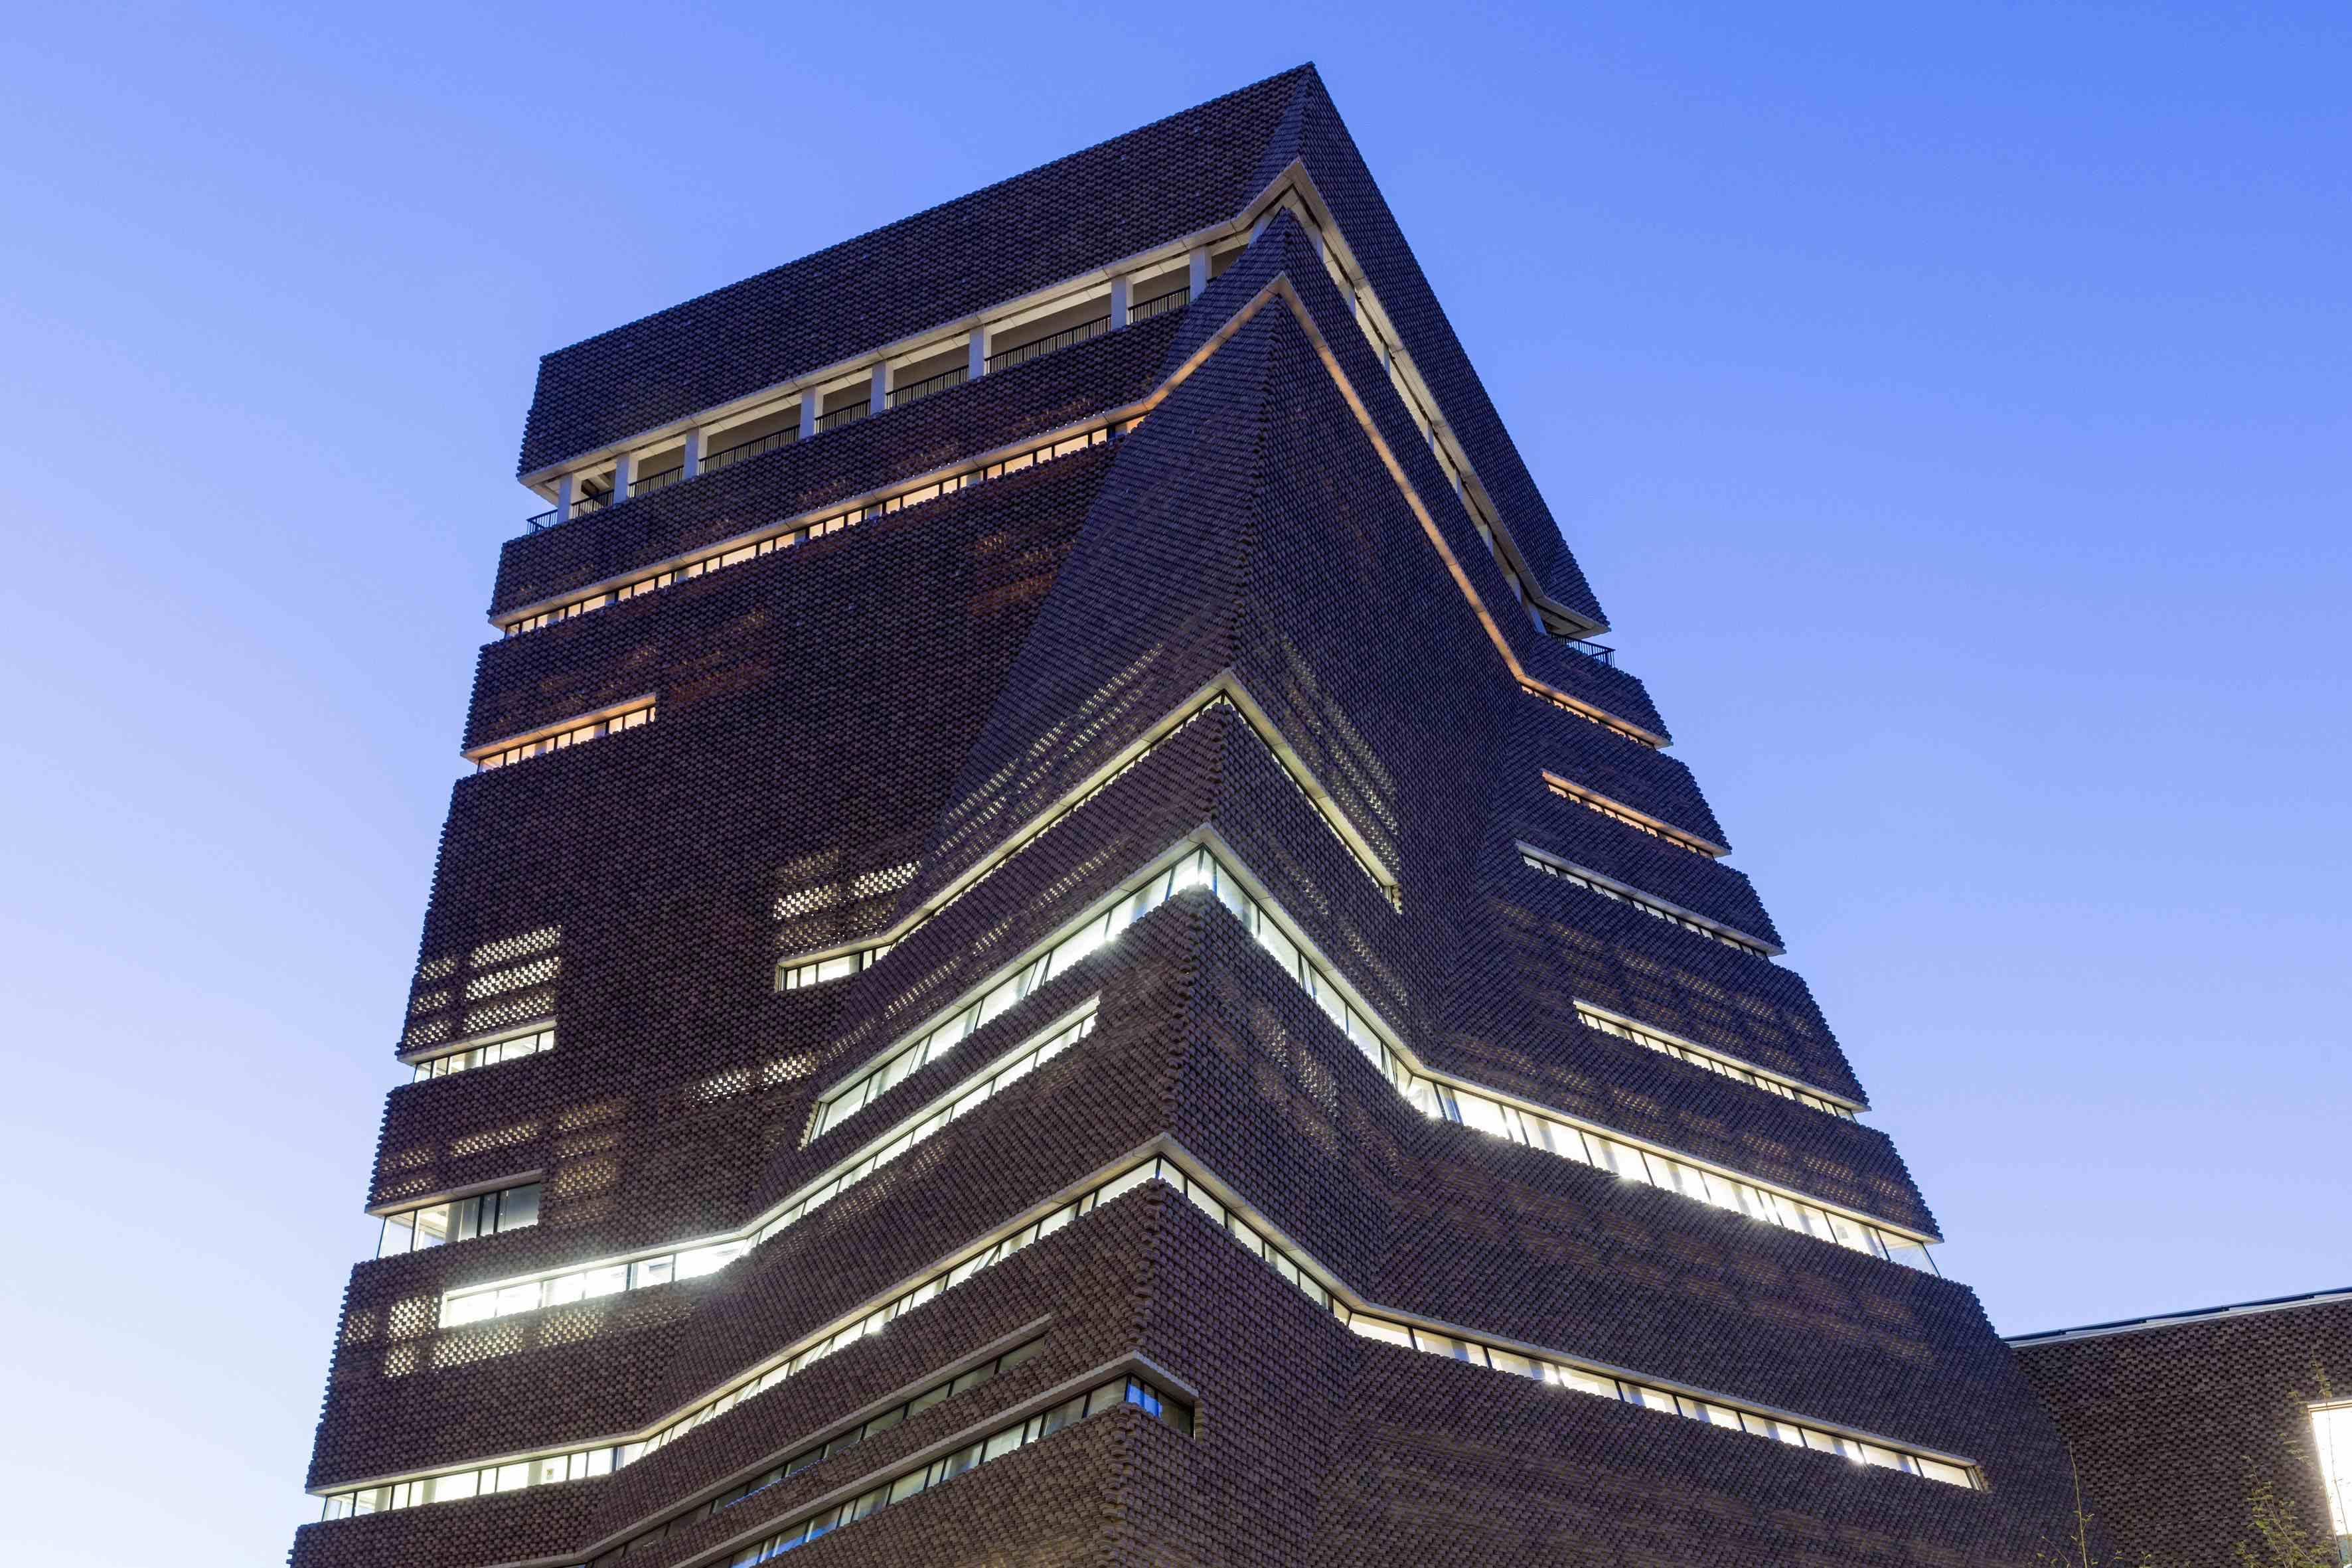 """© Iwan Baan   On est en 1995. Le duo d'architectes suisses Jacques Herzog et Pierre de Meuron remporte le concours visant à faire de la centrale électrique désaffectée dessinée par Giles Gilbert Scott un grand musée d'art moderne et contemporain pour Londres. Personne ne pouvait imaginer alors le succès de ce qui allait devenir l'une des plus grandes institutions mondiales: la Tate Modern. Les sceptiques raillaient l'objectif de 1,8 million visiteurs par an. Ils étaient 4,7 millions dès la première année d'ouverture en 2000. Ils sont plus de cinq millions aujourd'hui. En 2000 toujours, Herzog &de Meuron se voyaient récompenser du prestigieux Pritzker Prize, le Nobel de l'architecture. La messe était dite.   UNE CATHÉDRALE POUR L'ART   L'extension du musée qui a été présentée au public le 17 juin a, elle aussi, été conçue par le cabinet du célèbre duo bâlois. Depuis la Tate Modern, Herzog & de Meuron ont multiplié les réalisations muséales et se sont imposés en référence mondiale. Le San Francisco De Young Museum, l'extension du musée Unterlinden à Colmar, le Pérez Art Museum de Miami, l'extension du Walker Art Center de Minneapolis, la Schaulager de Bâle, le musée Blau de Barcelone… Autant dire que leur retour, vingt ans plus tard, sur le bord de la Tamise était (trop) attendu. Ont-ils pour autant déçu?    """"Ce bâtiment qui était autrefois le cœur battant de Londres en est aujourd'hui sa cathédrale culturelle.""""Lord Browne, président de la Tate     À écouter le président de la Tate, Lord Browne, pas vraiment. """"Ce bâtiment qui était autrefois le cœur battant de Londres en est aujourd'hui la cathédrale culturelle"""", s'enthousiasme-t-il devant un parterre d'invités, le mardi précédent l'ouverture officielle. Mais la tour de 64,5 mètres de haut et de 10 étages n'a pas que des adeptes. """"Trop déprimante!"""" On lui reproche l'obscurité de sa façade et le choix de briques (336 000 pour sa façade ajourée) qui ancre le bâtiment dans un passé industriel. """"Un véritable bunker!"""" On d"""